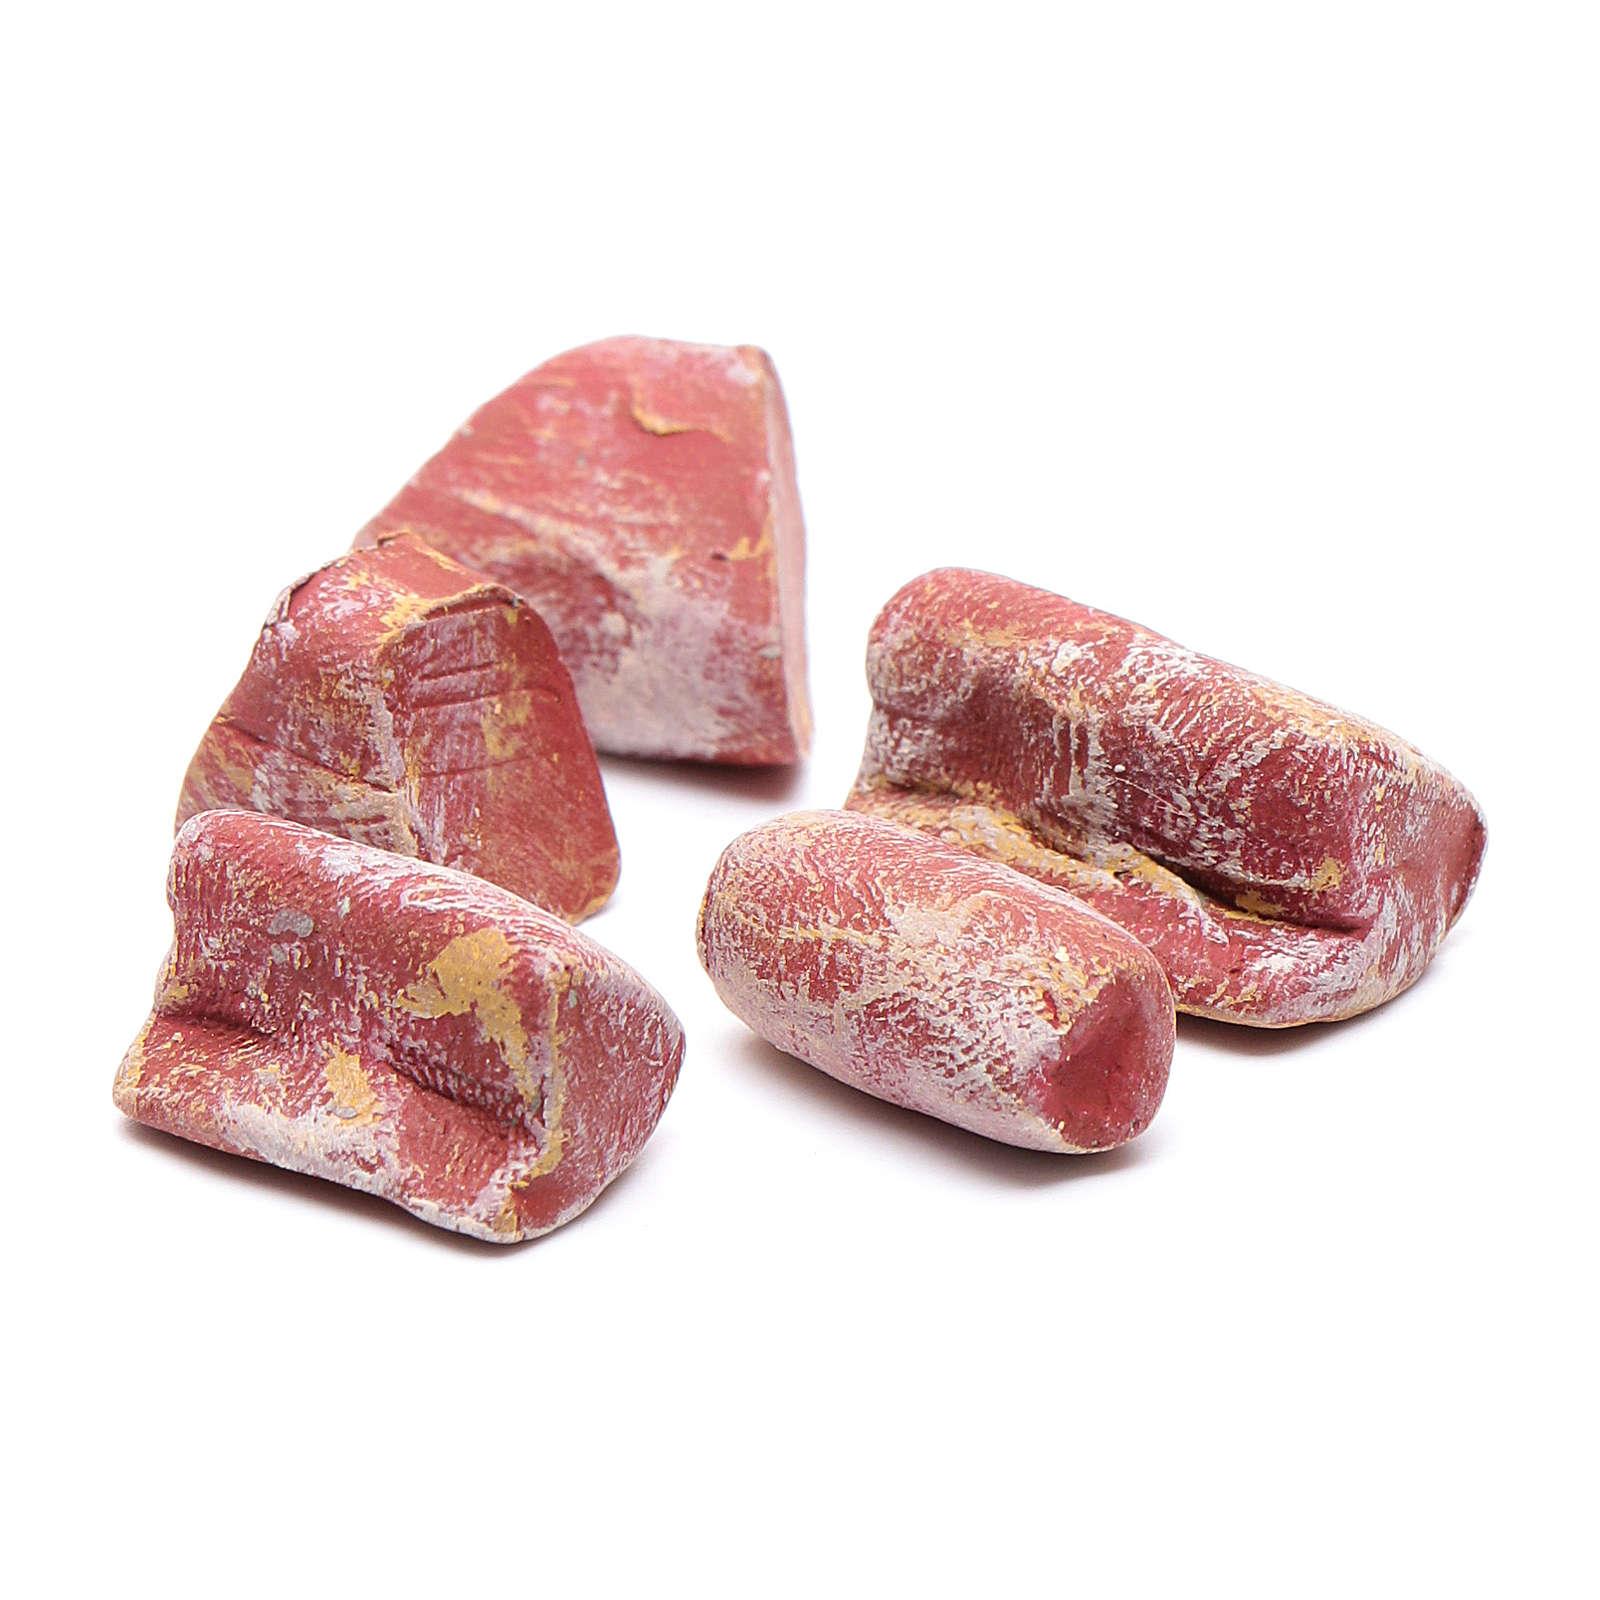 Viande pour bricolage crèche 5 pcs 4